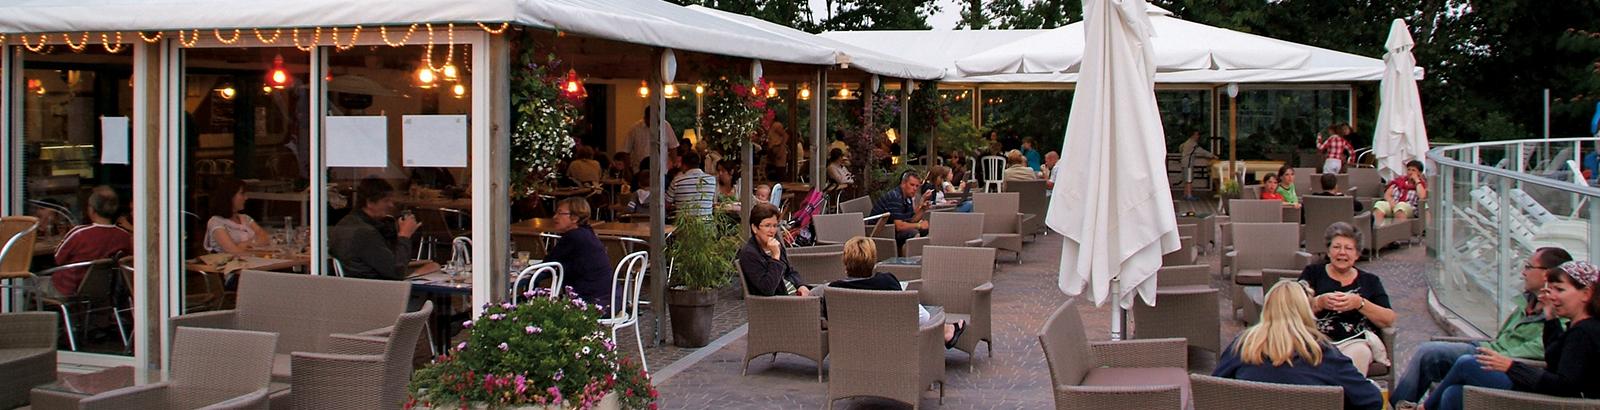 Le Petit Vezit Restaurant